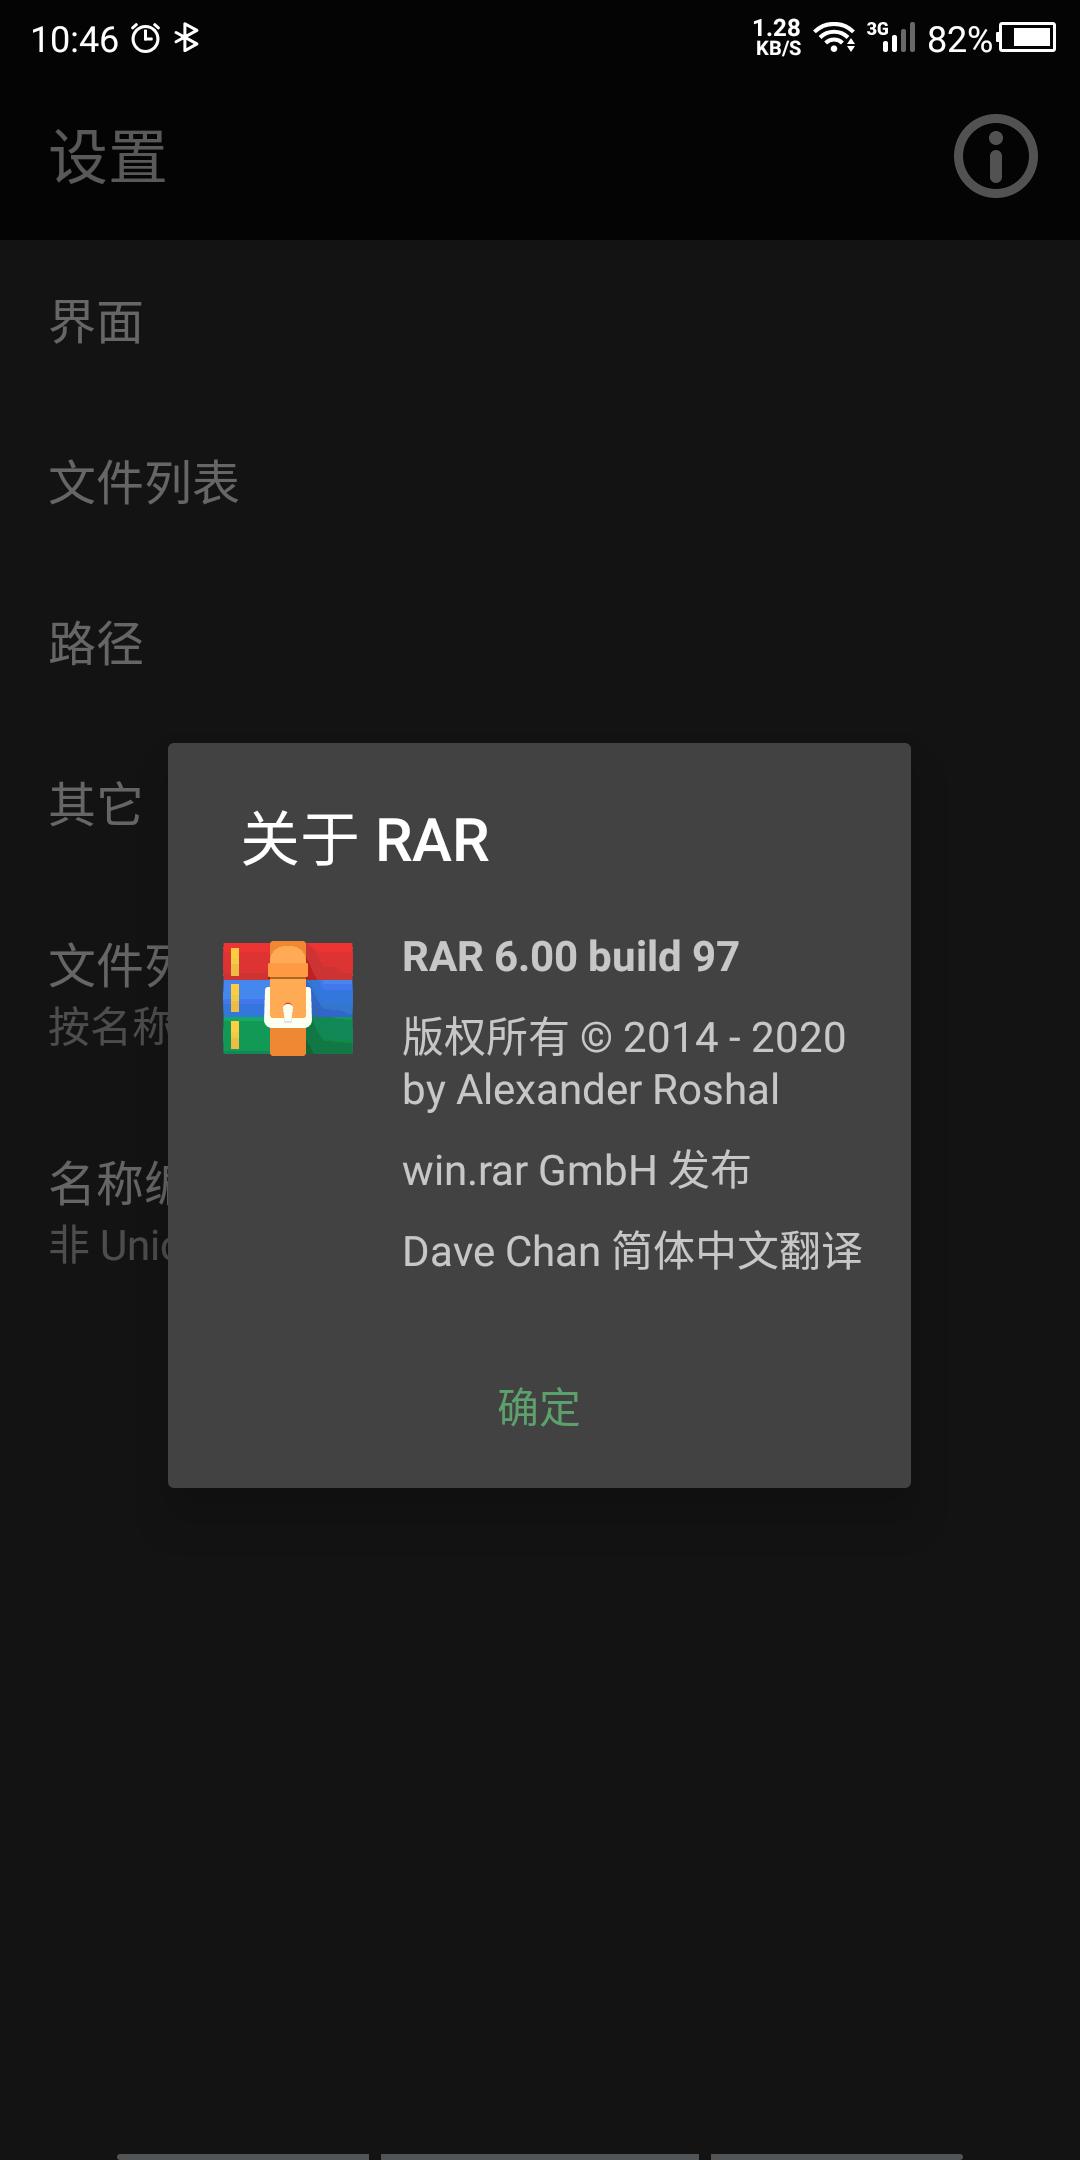 RAR  v6.00